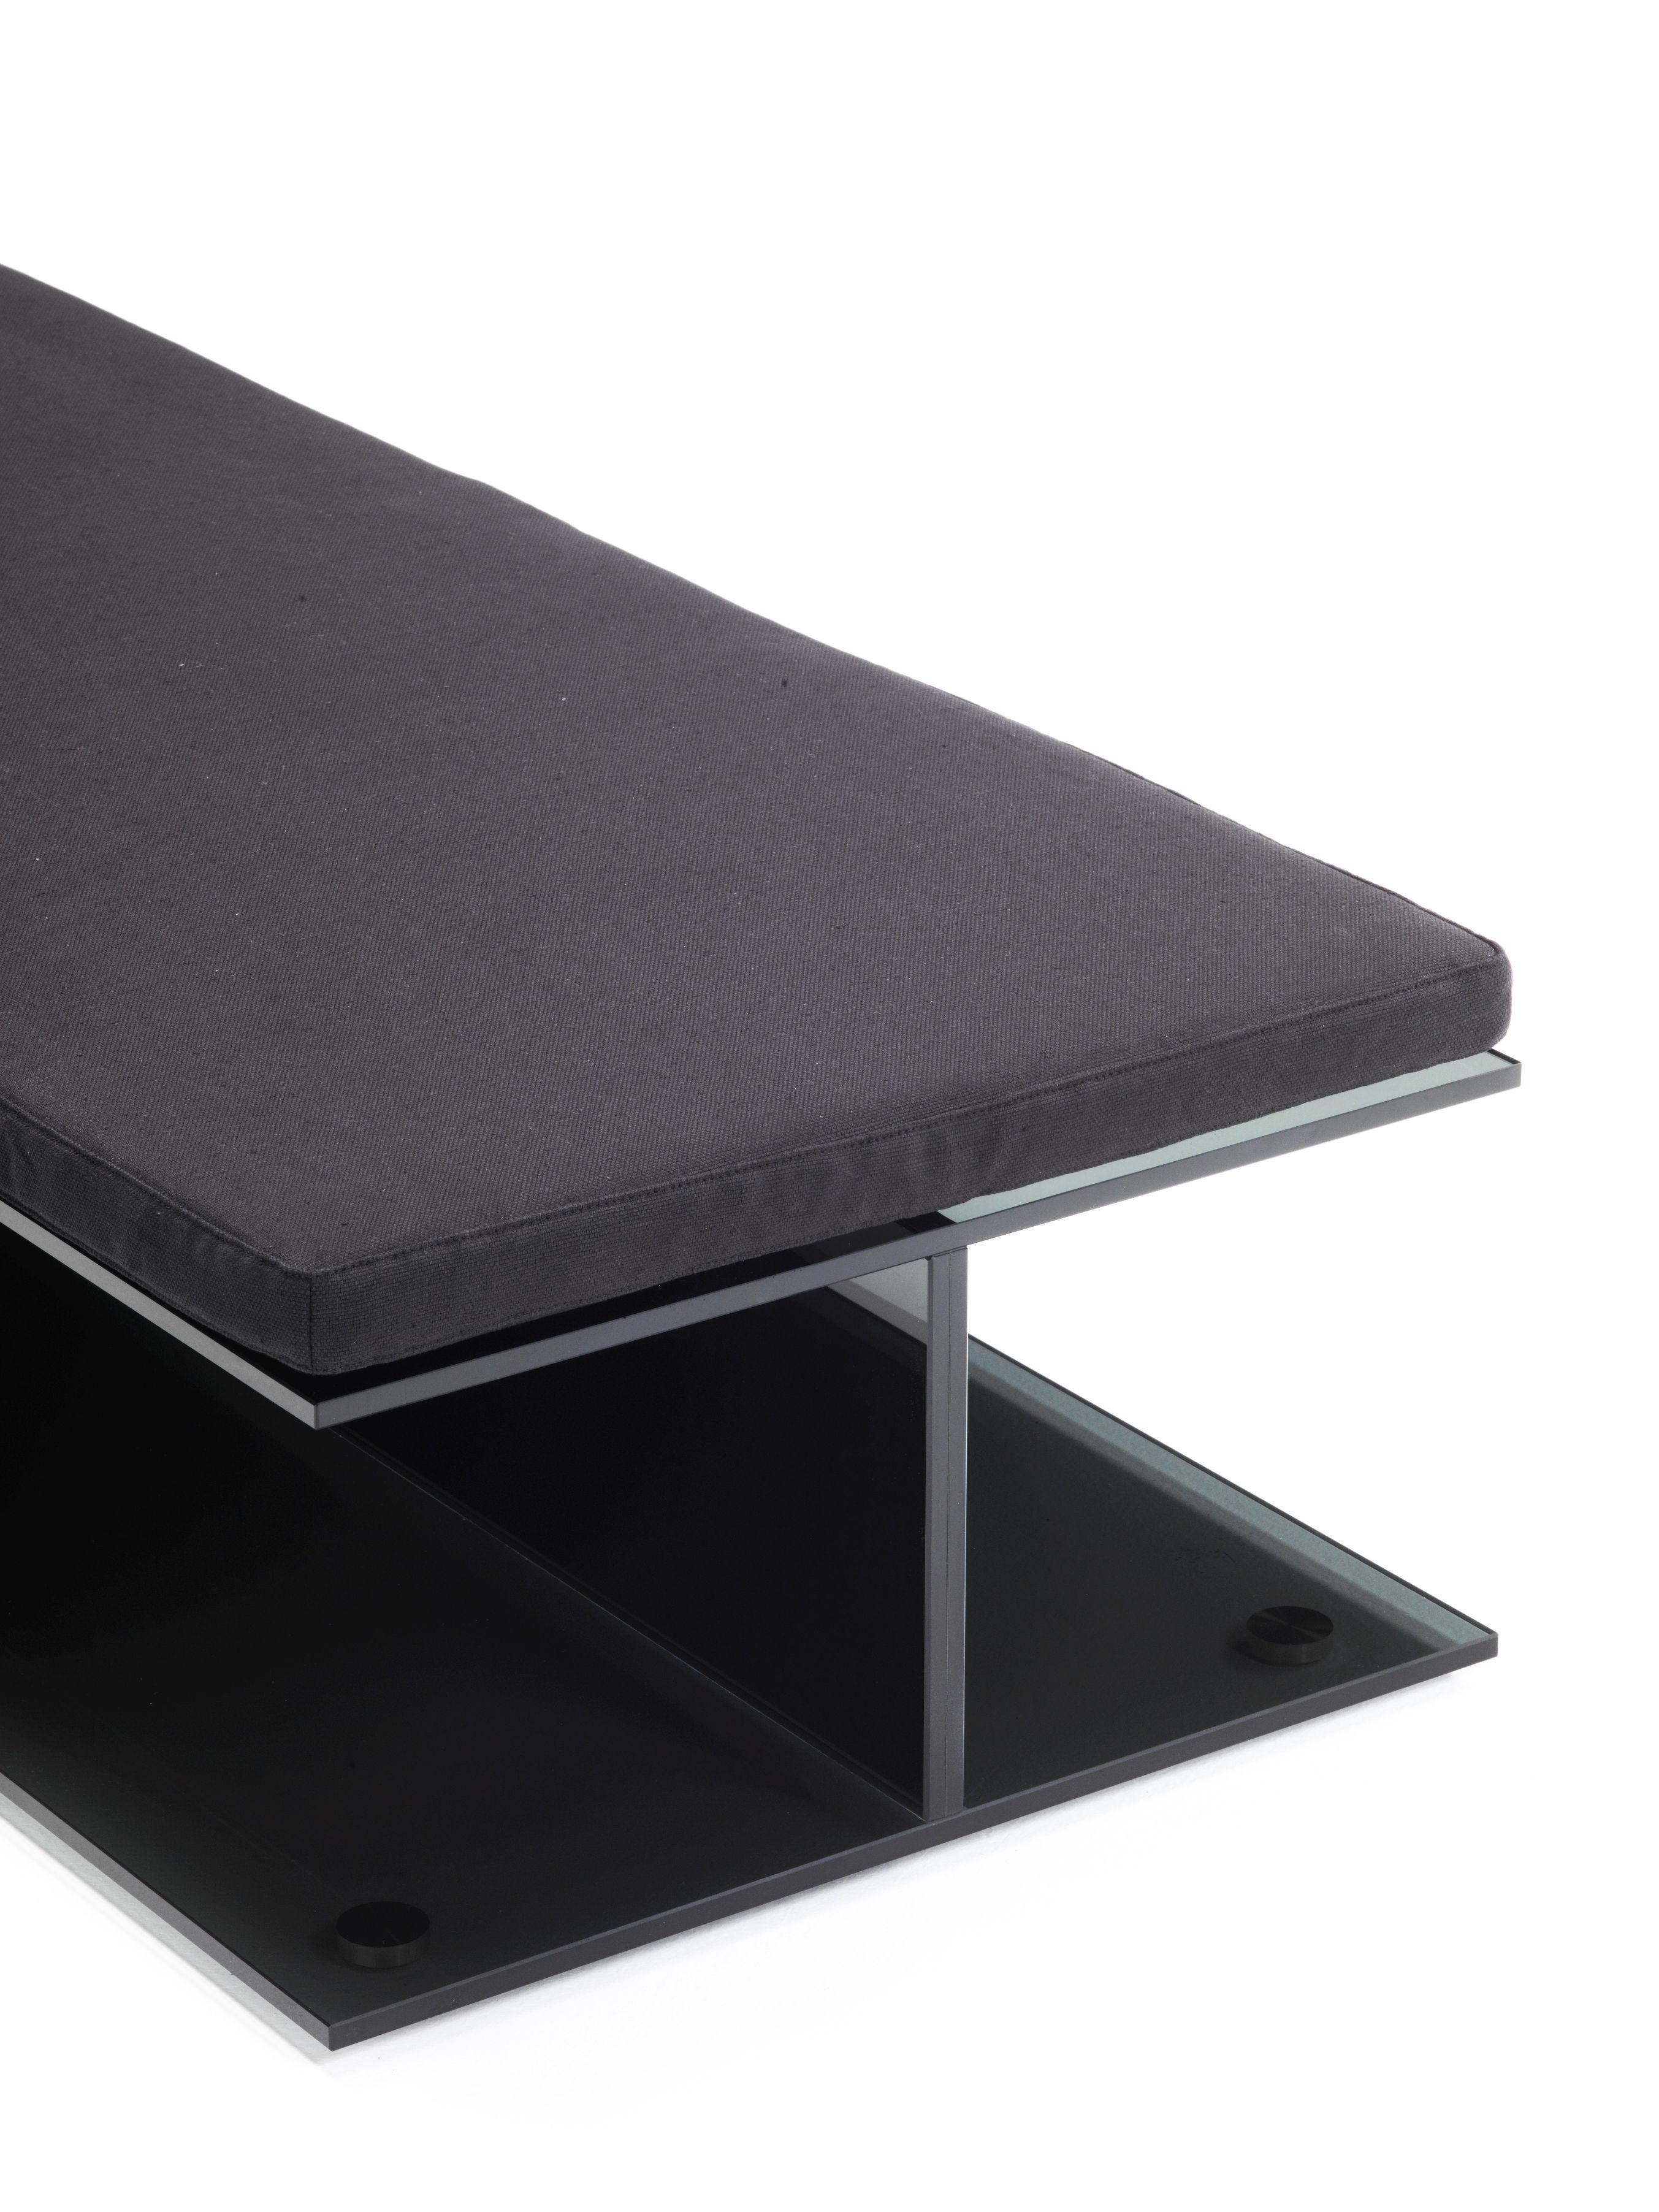 coussin d assise pour banc Coussin pour banc I Beam / L 140 cm Coussin L 140 cm / Noir   Glas  coussin d assise pour banc